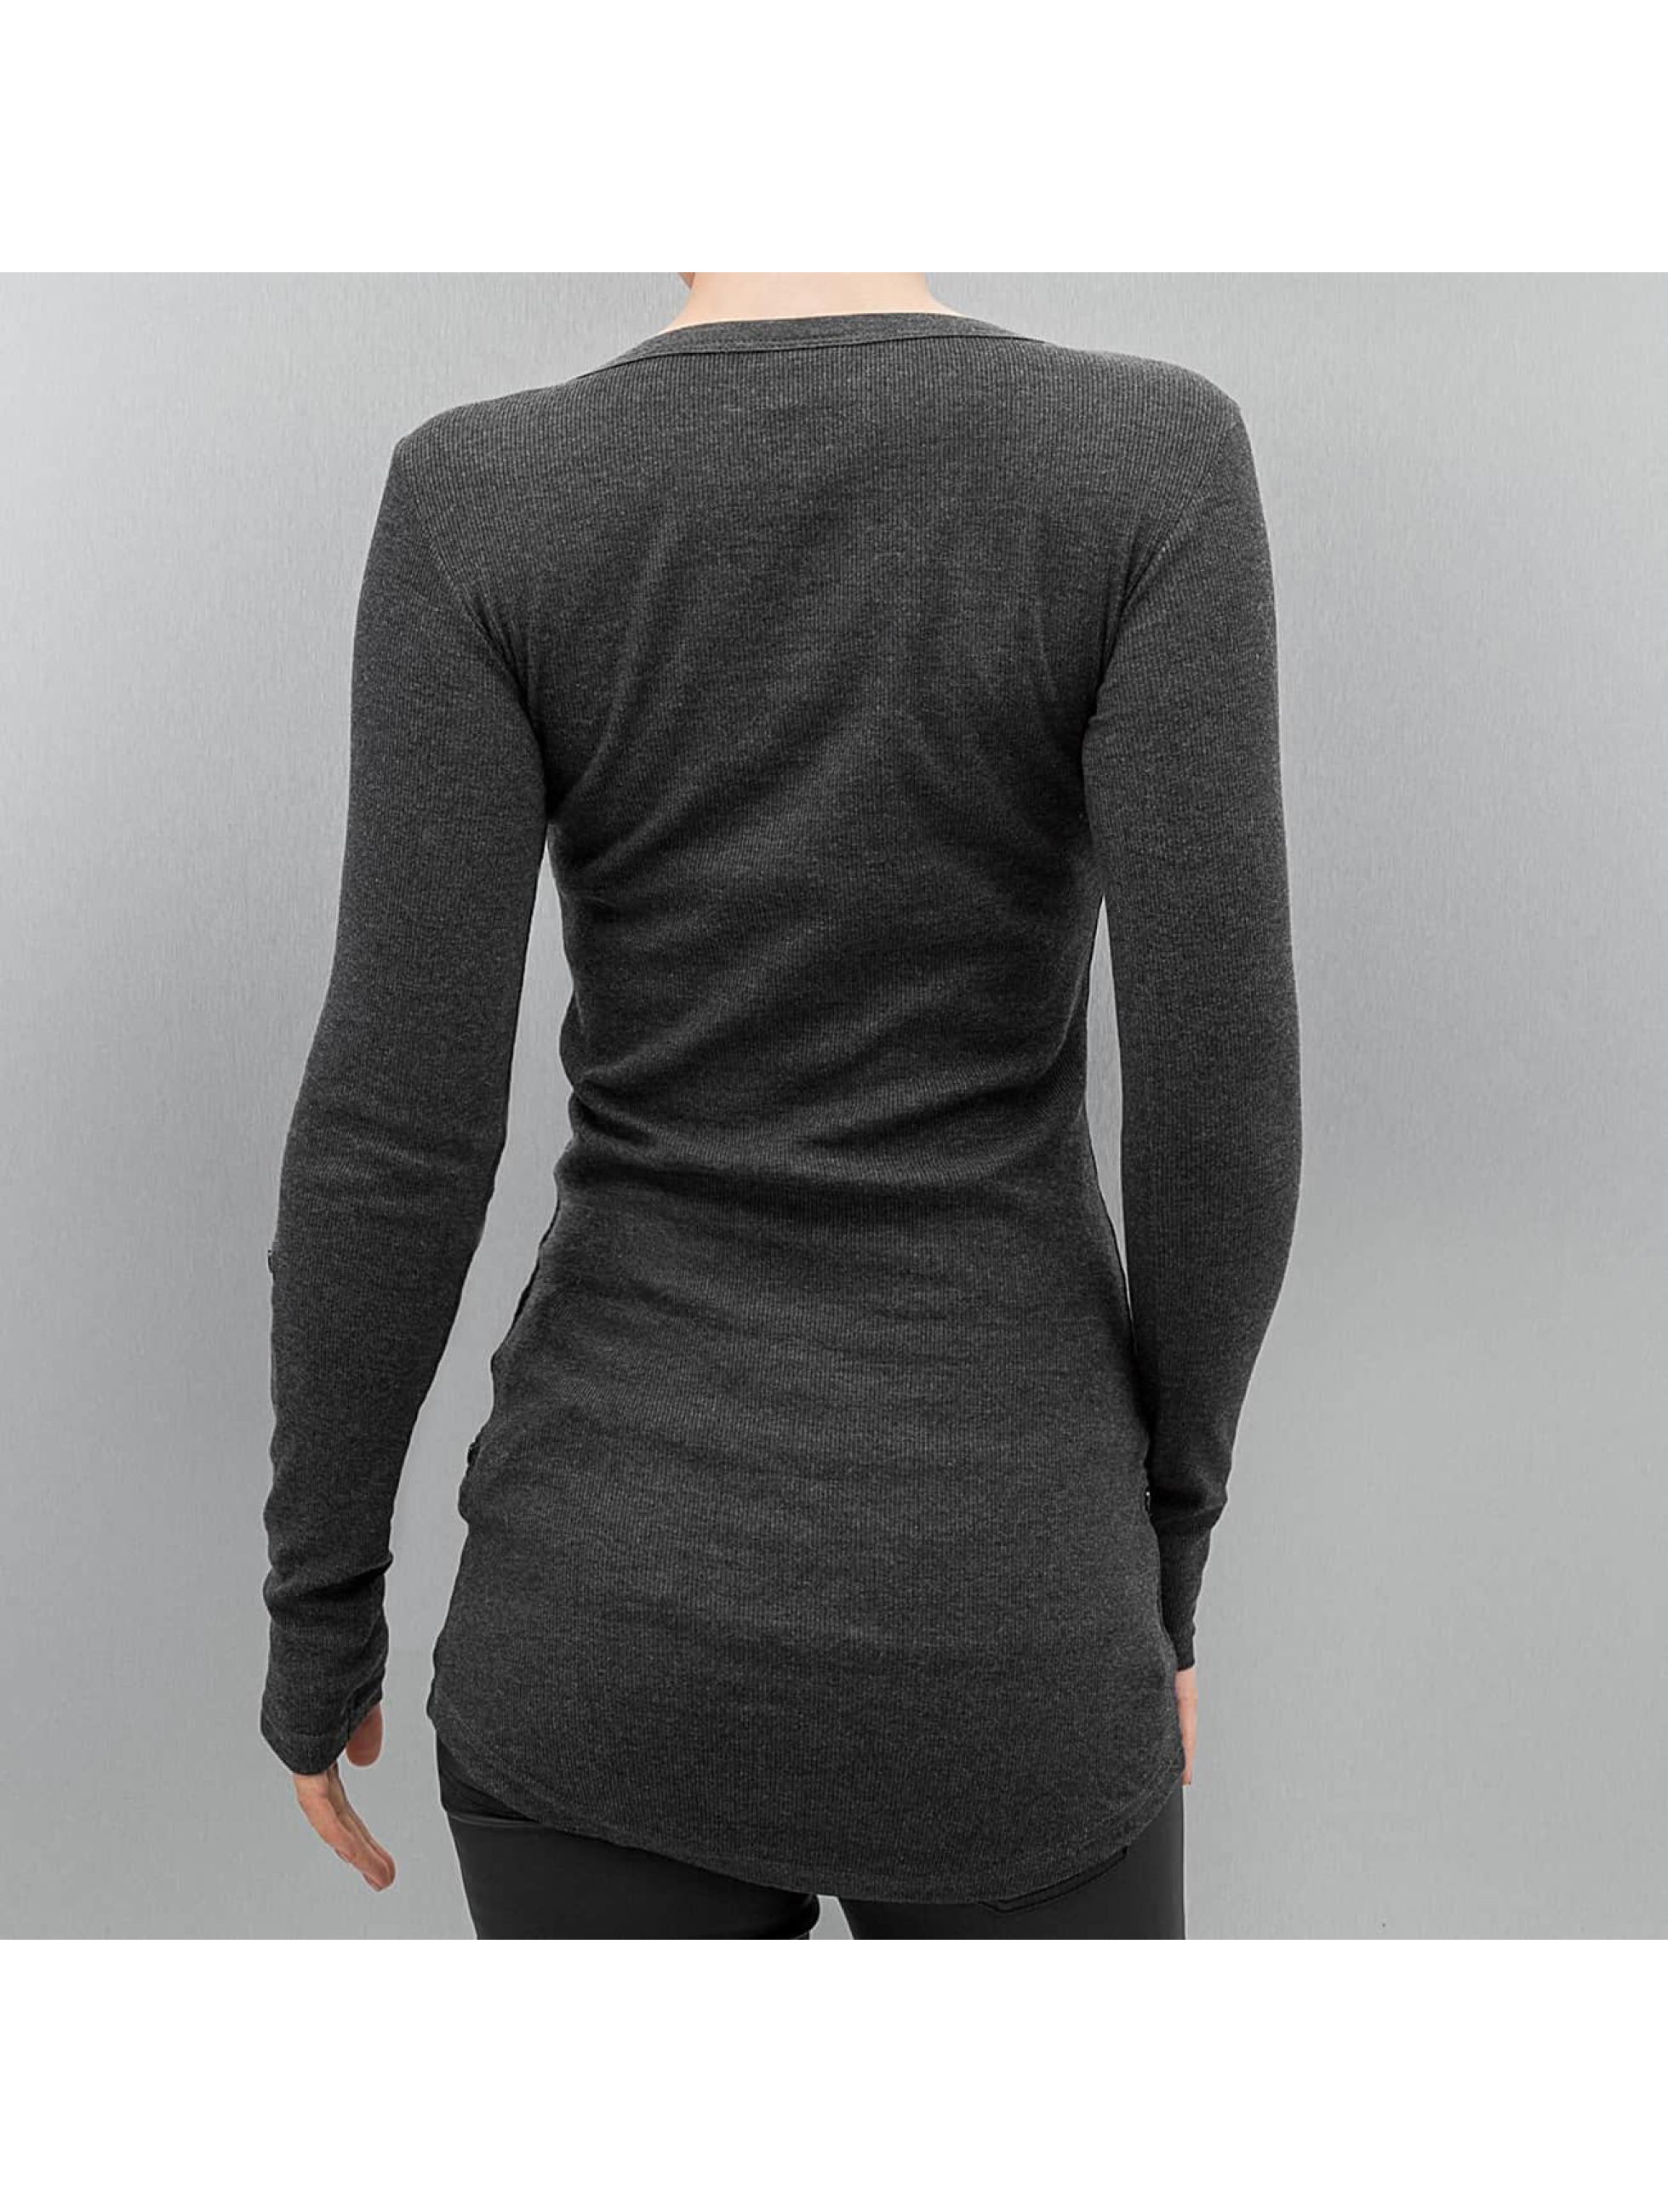 Urban Classics Longsleeve Long Rib Pocket Turnup gray